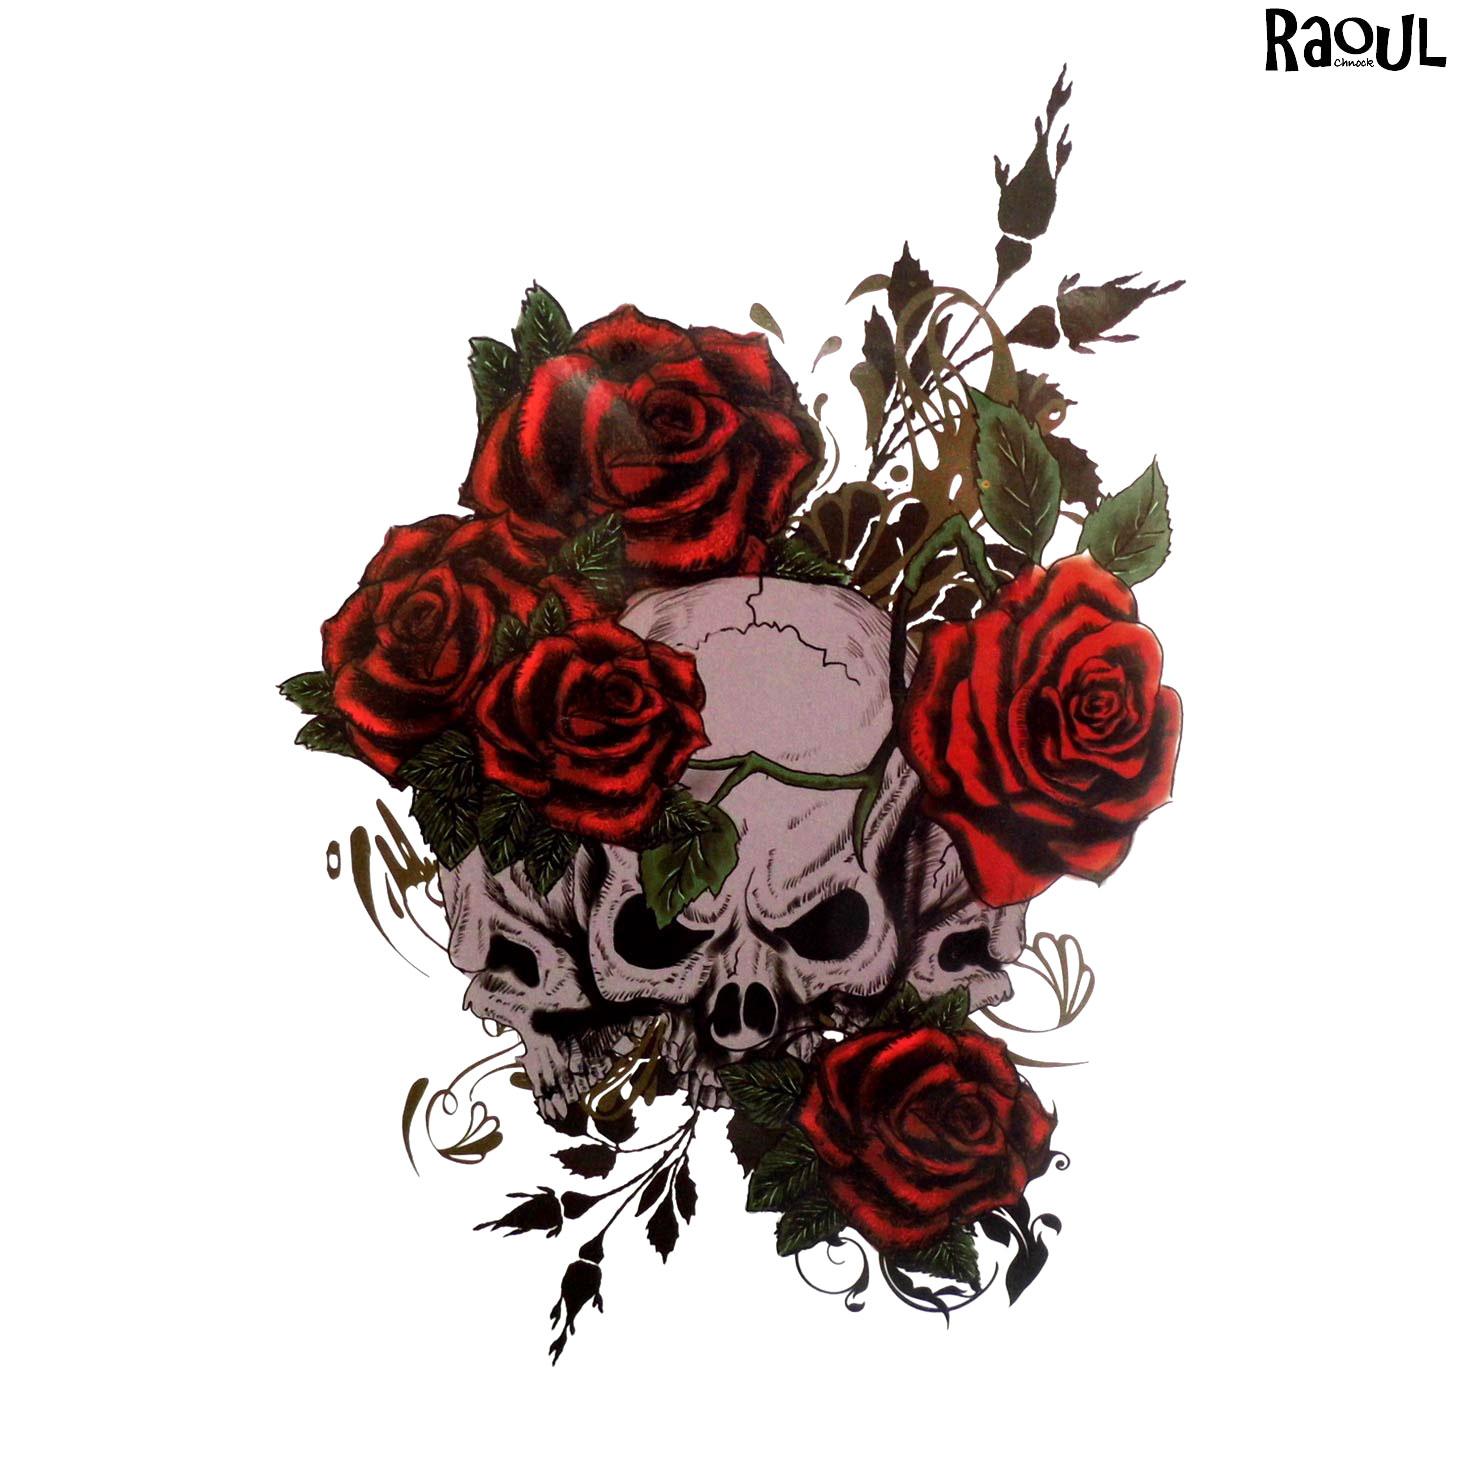 Tatouage Ephemere De Cranes Avec Des Roses Raoul Chnock